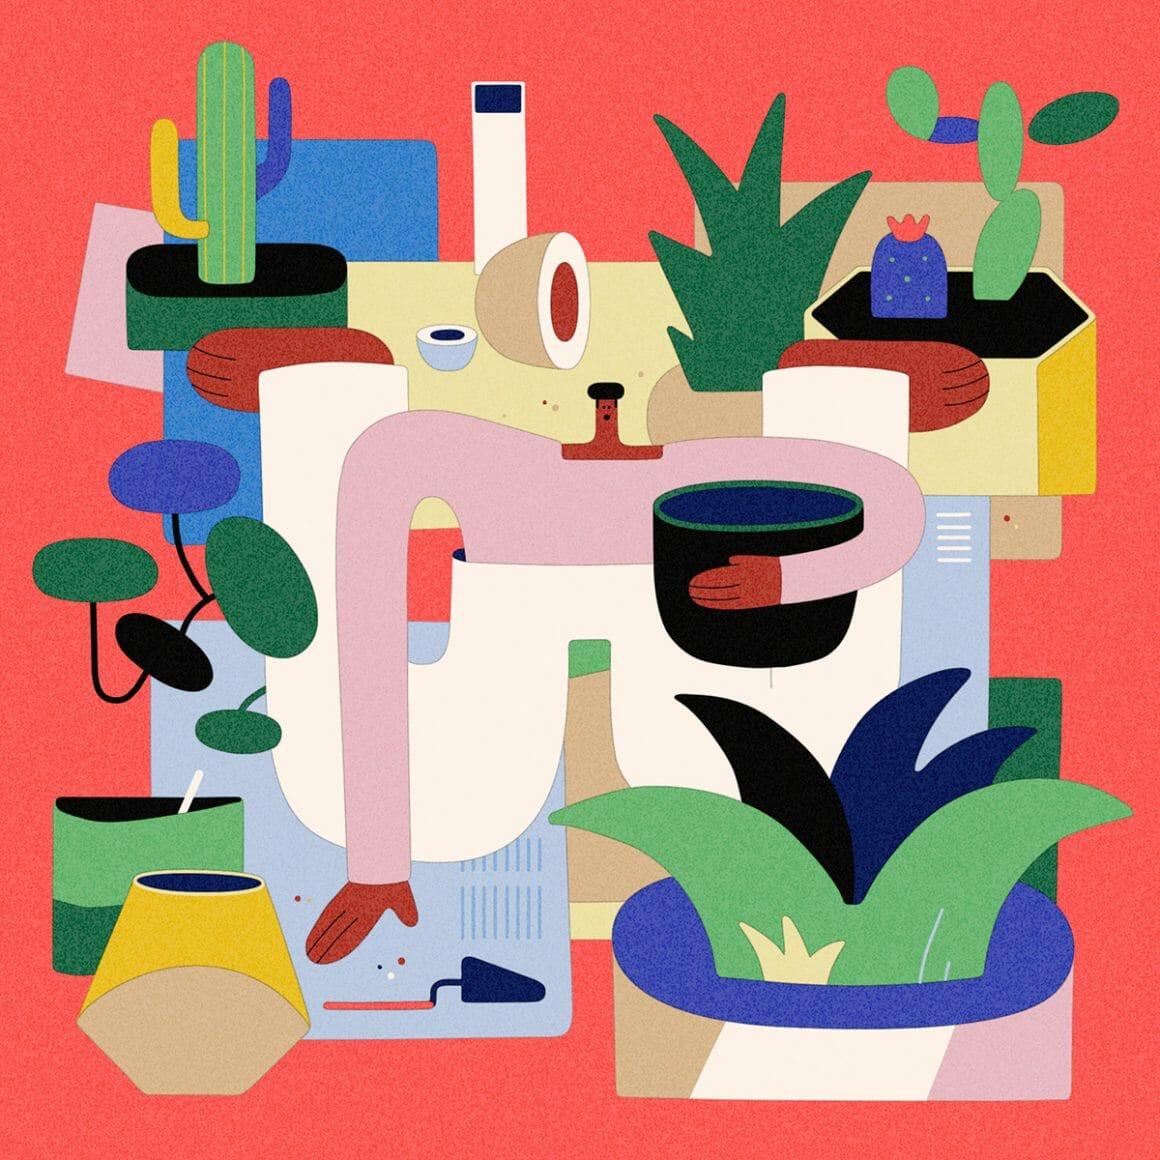 Illustration montrant un personnage entouré de plantes